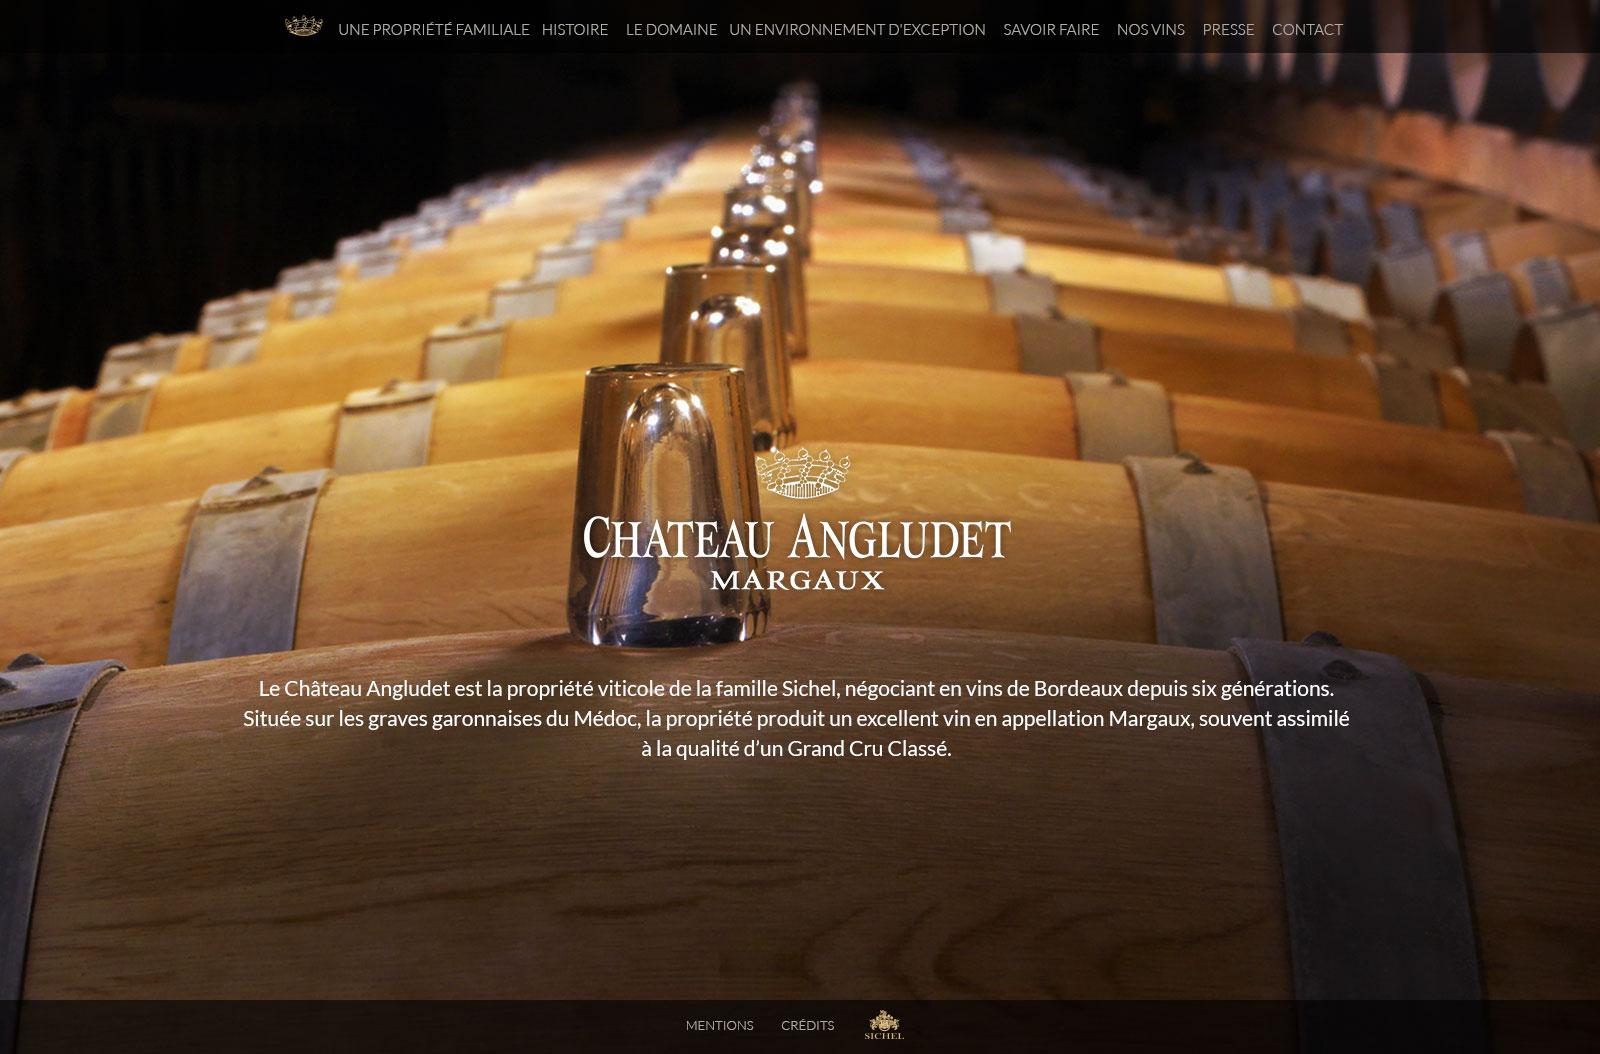 Château Angludet : webdesign pour un Château du Médoc en appellation Margaux.